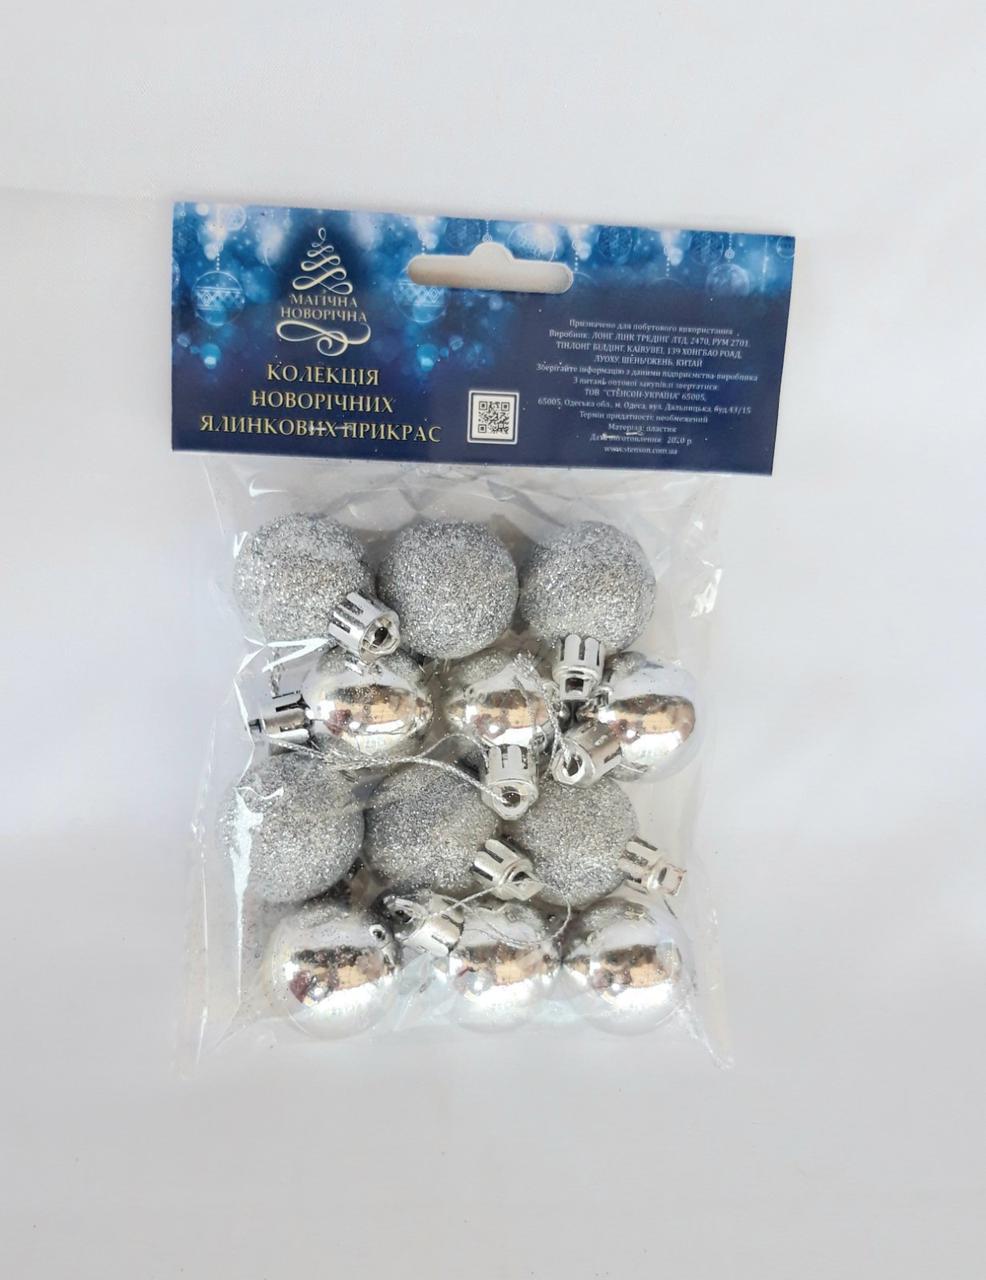 Елочные шары 12 штук в упаковке 3 см диаметр серебряного цвета